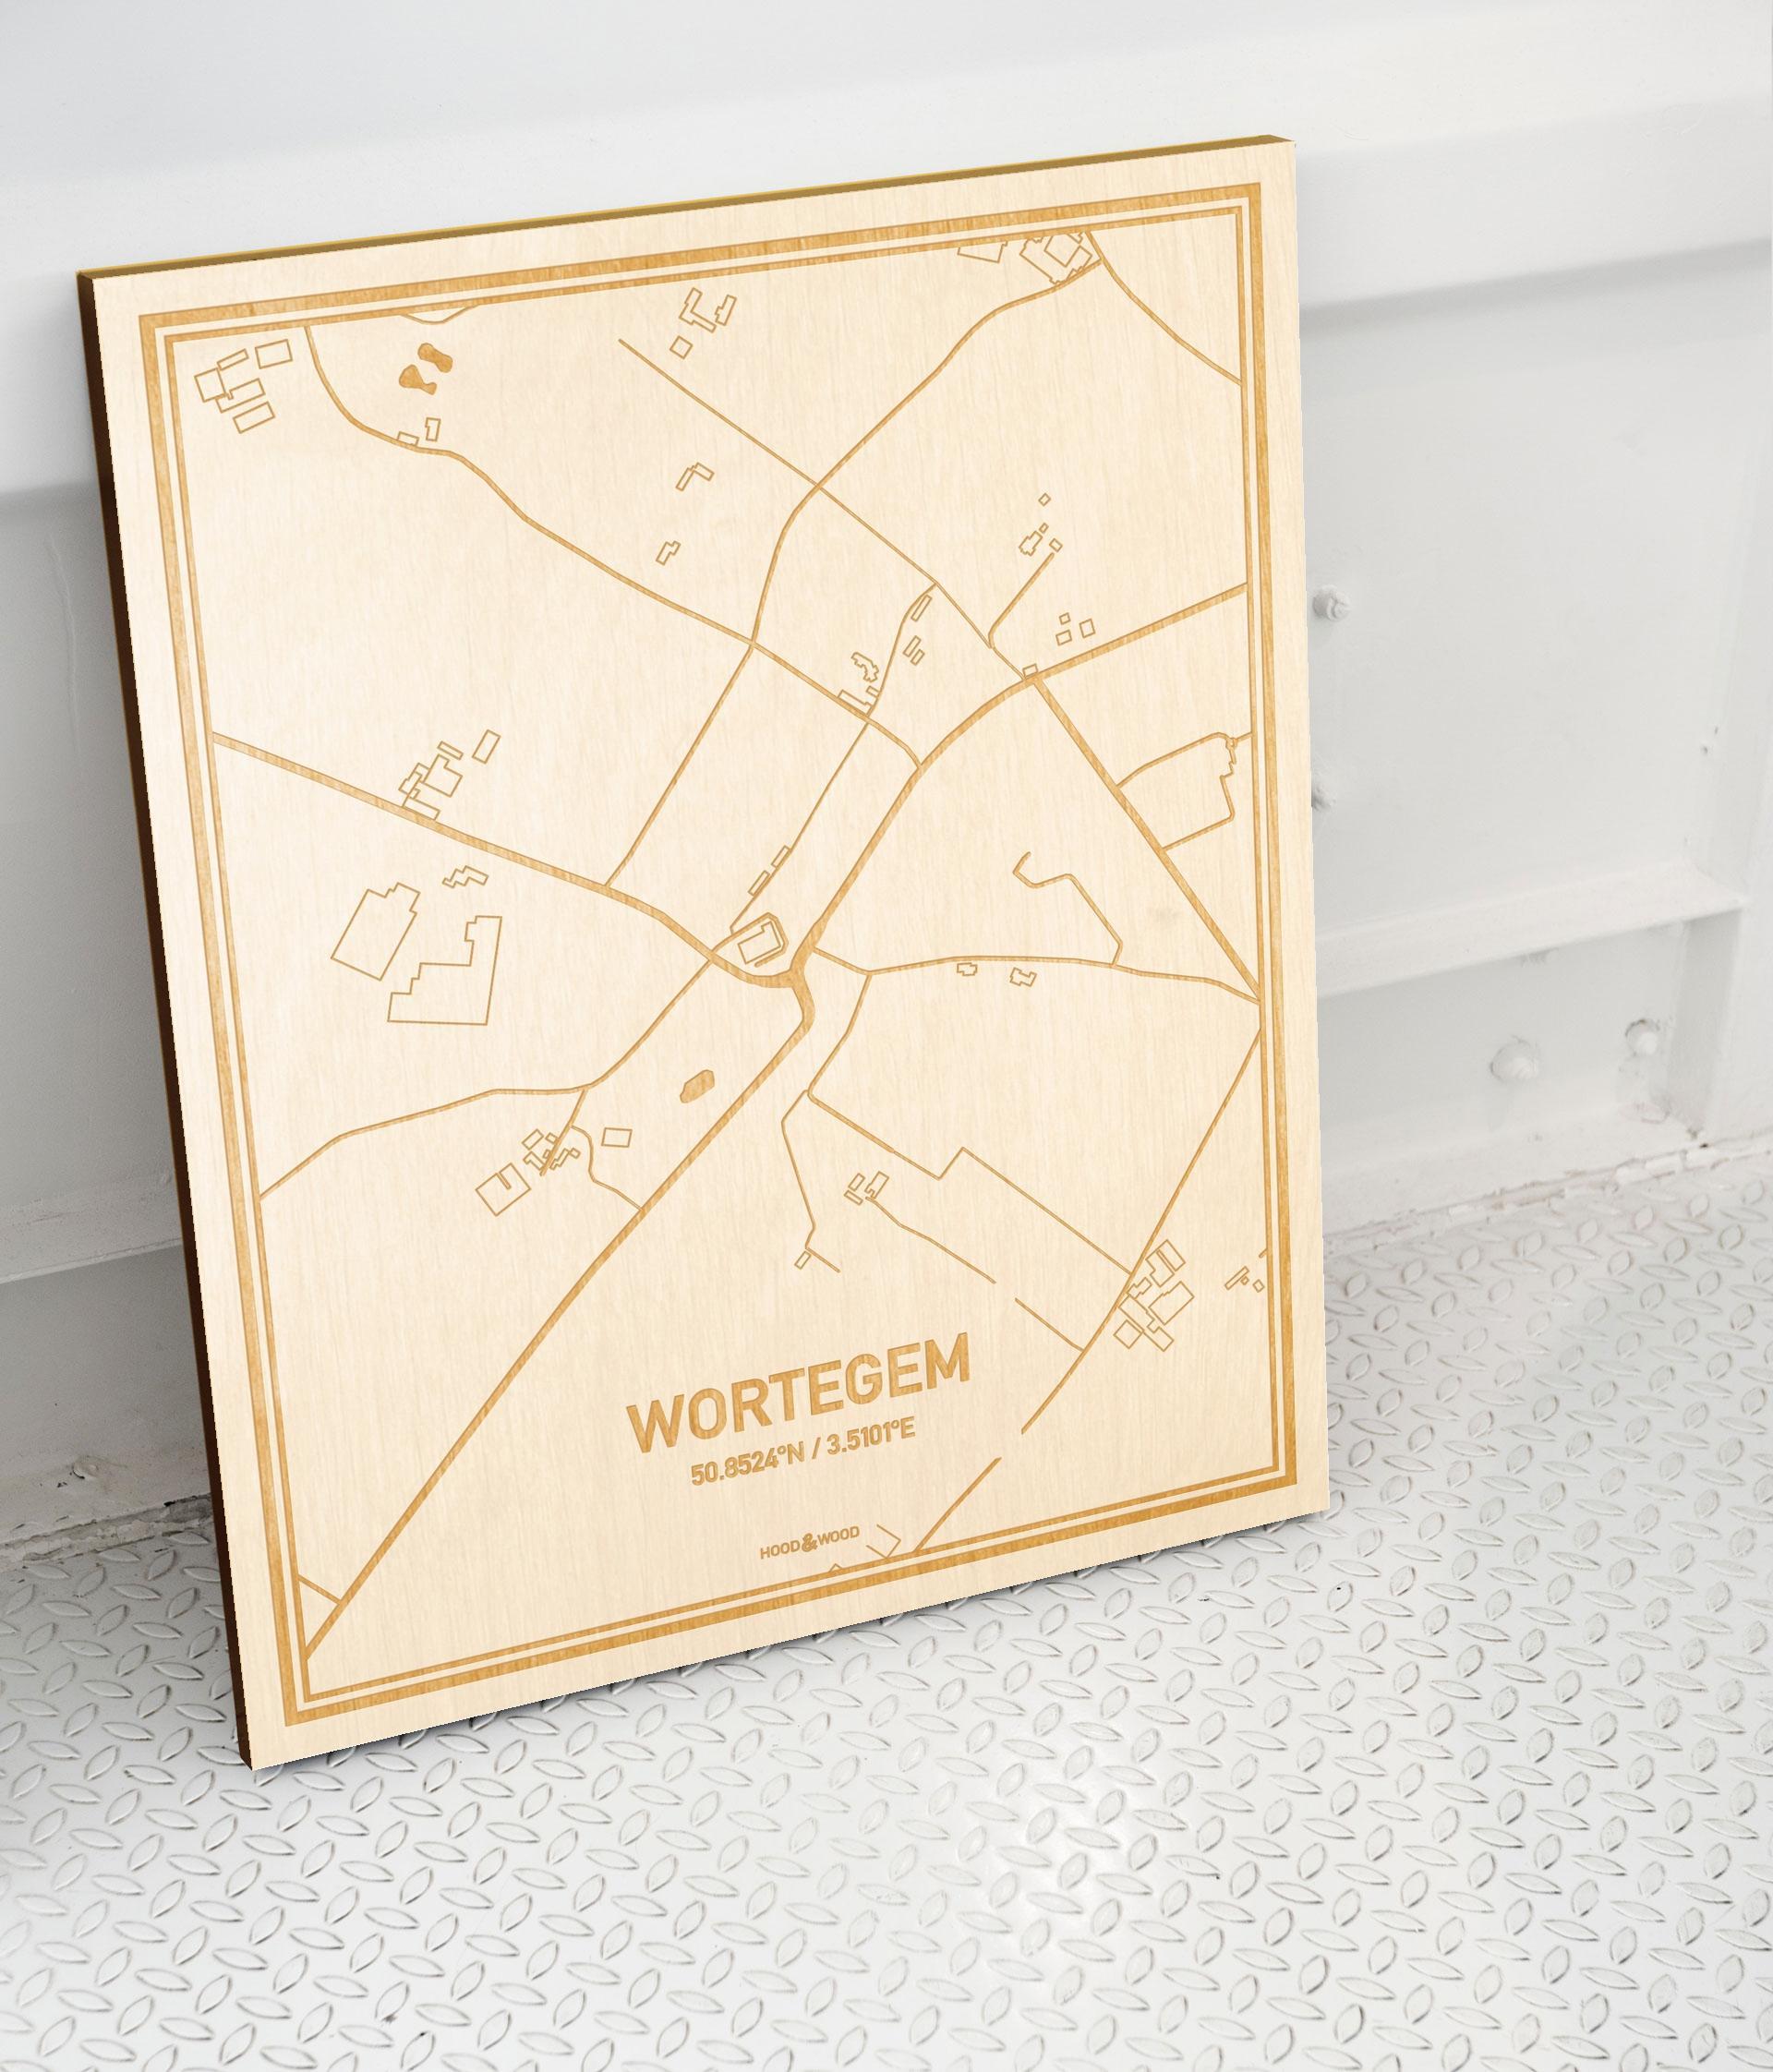 Plattegrond Wortegem als prachtige houten wanddecoratie. Het warme hout contrasteert mooi met de witte muur.